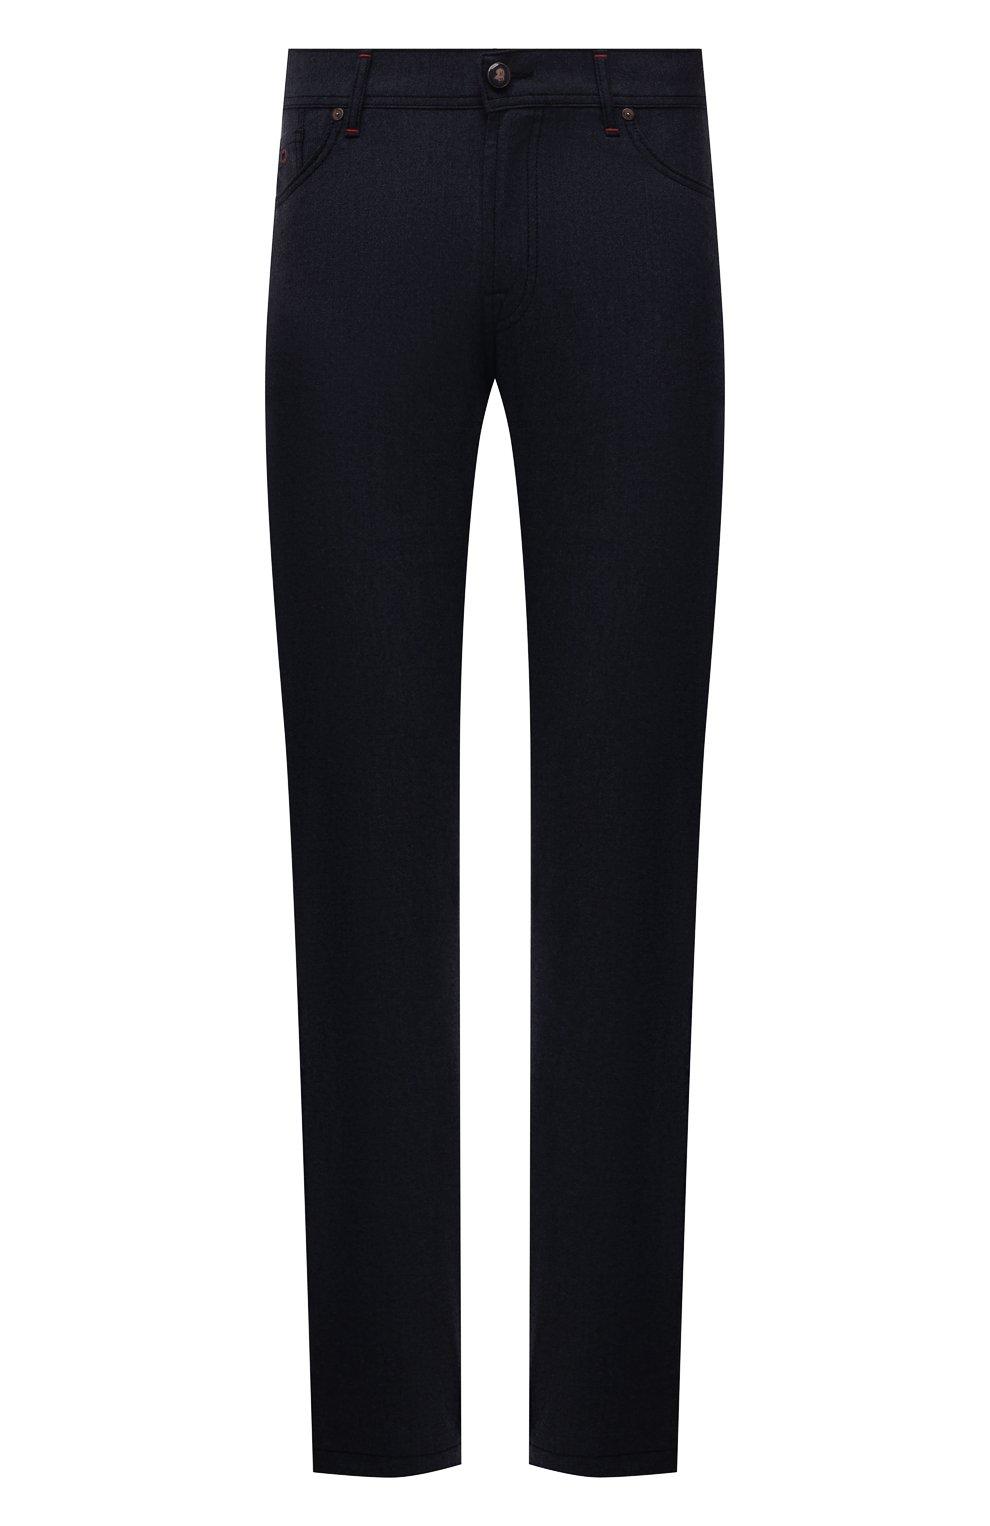 Мужские кашемировые брюки MARCO PESCAROLO темно-синего цвета, арт. NERAN0M18/ZIP/4442 | Фото 1 (Материал внешний: Шерсть, Кашемир; Длина (брюки, джинсы): Стандартные; Случай: Повседневный; Стили: Кэжуэл)